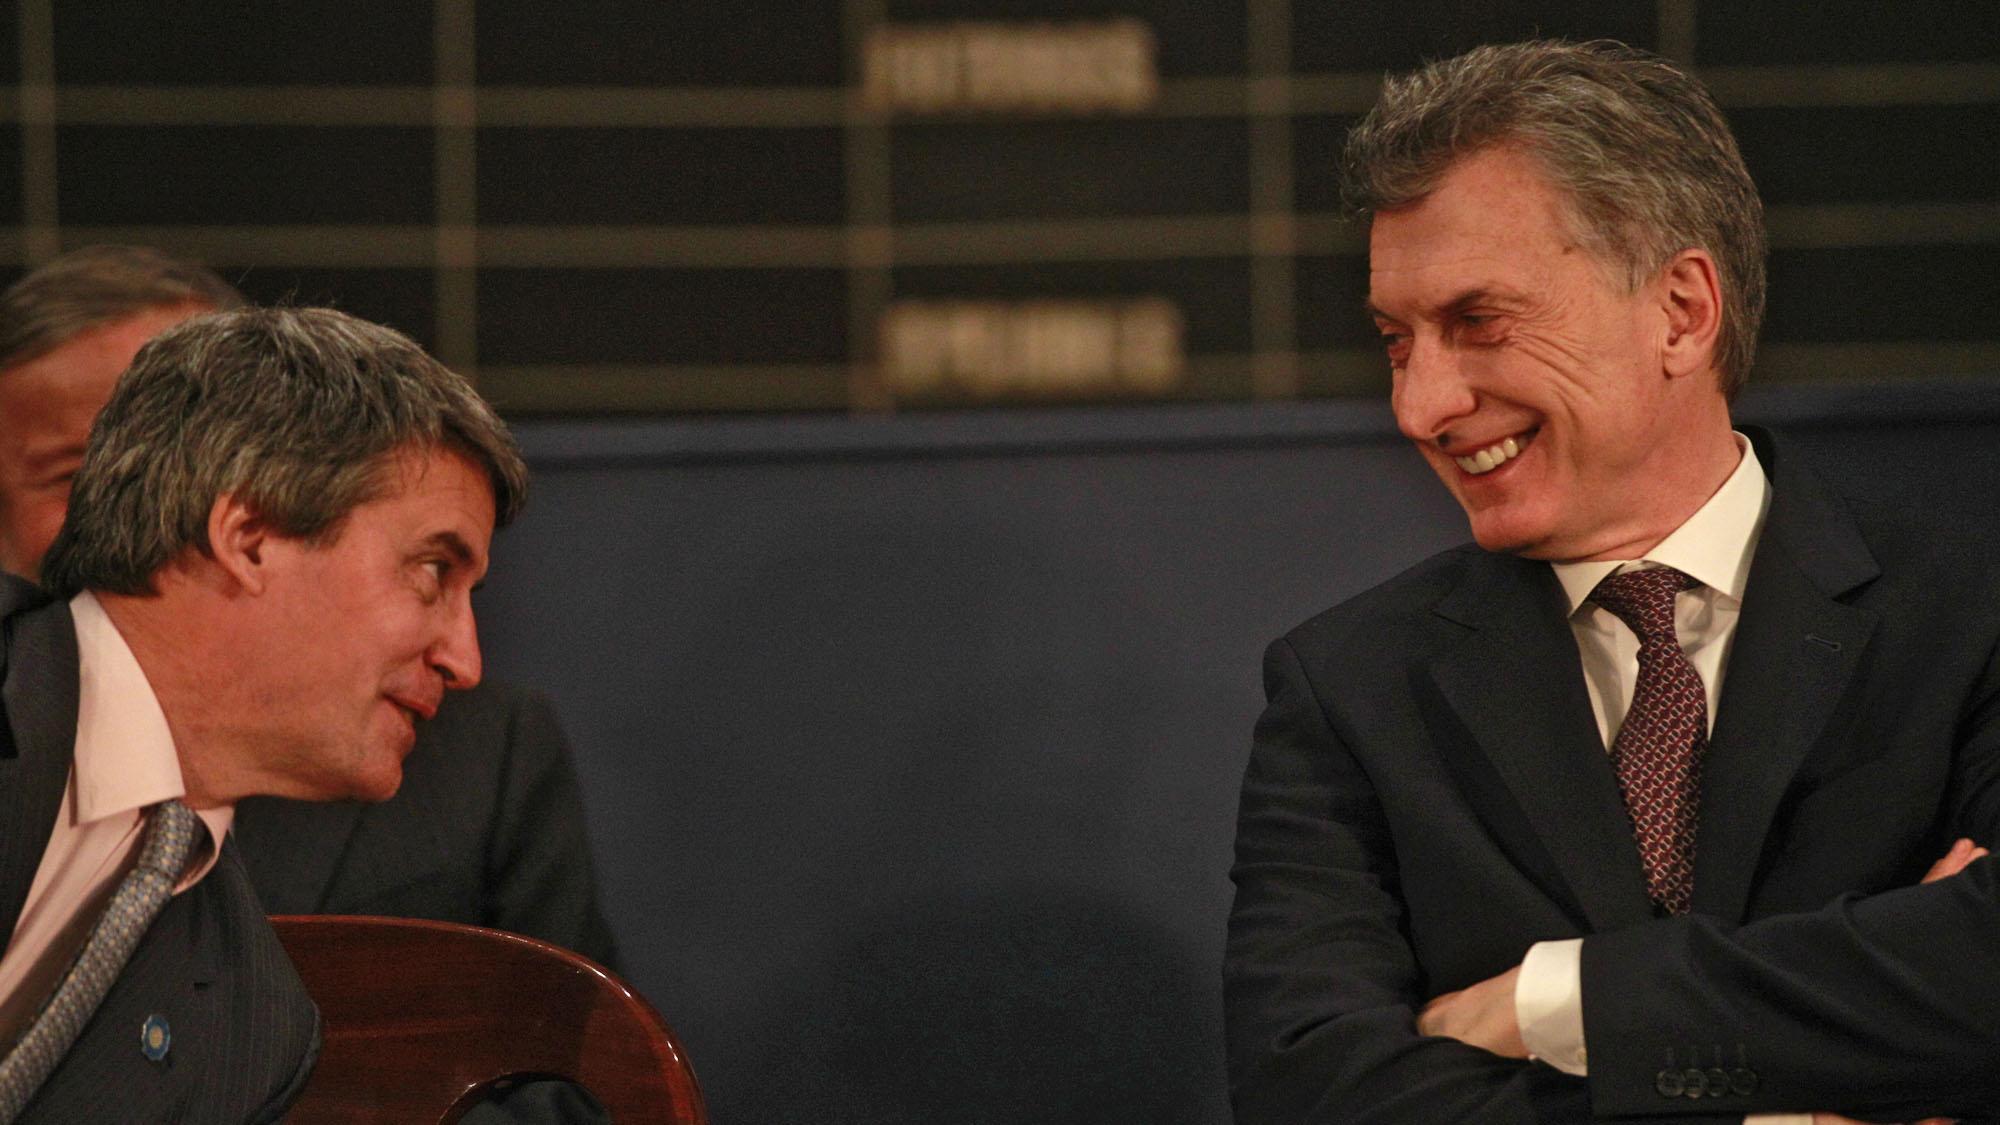 Macri apuesta a la vieja receta que hundió al país: engordar la billetera con un feroz endeudamiento público